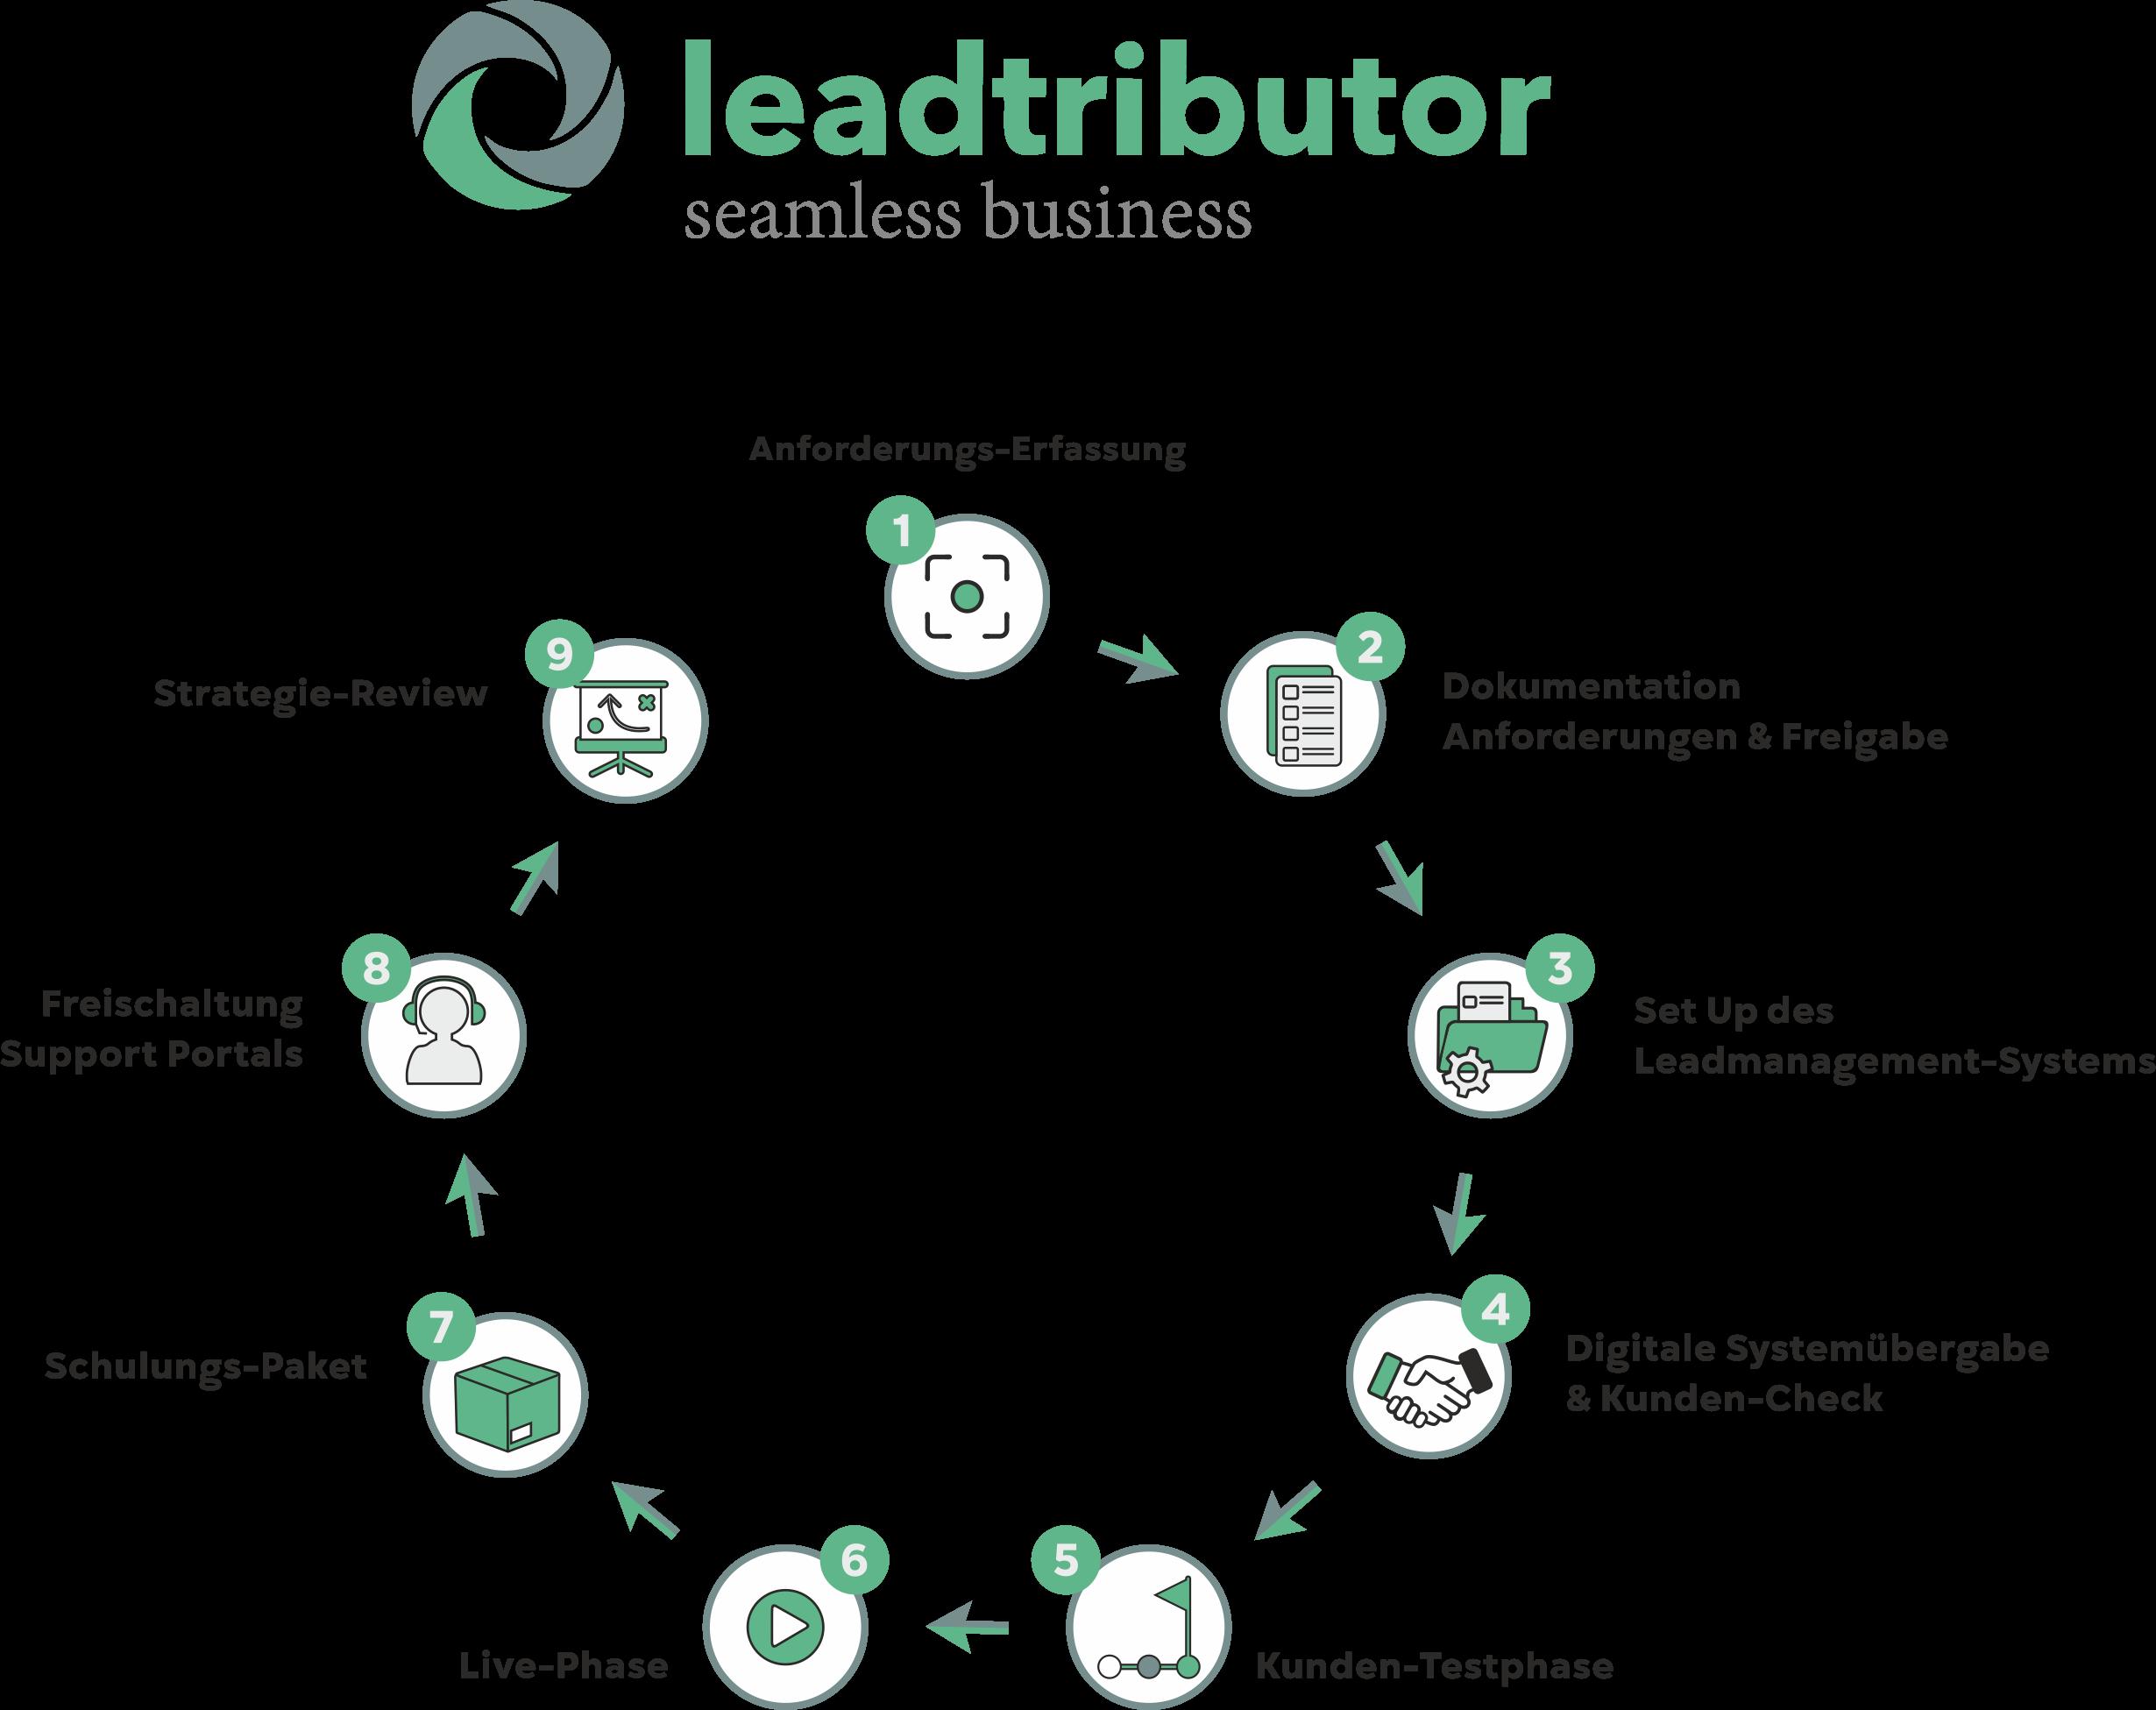 https://www.leadtributor.com/wp-content/uploads/Methoden-Grafik_mit-Überschrift_v3_final.png